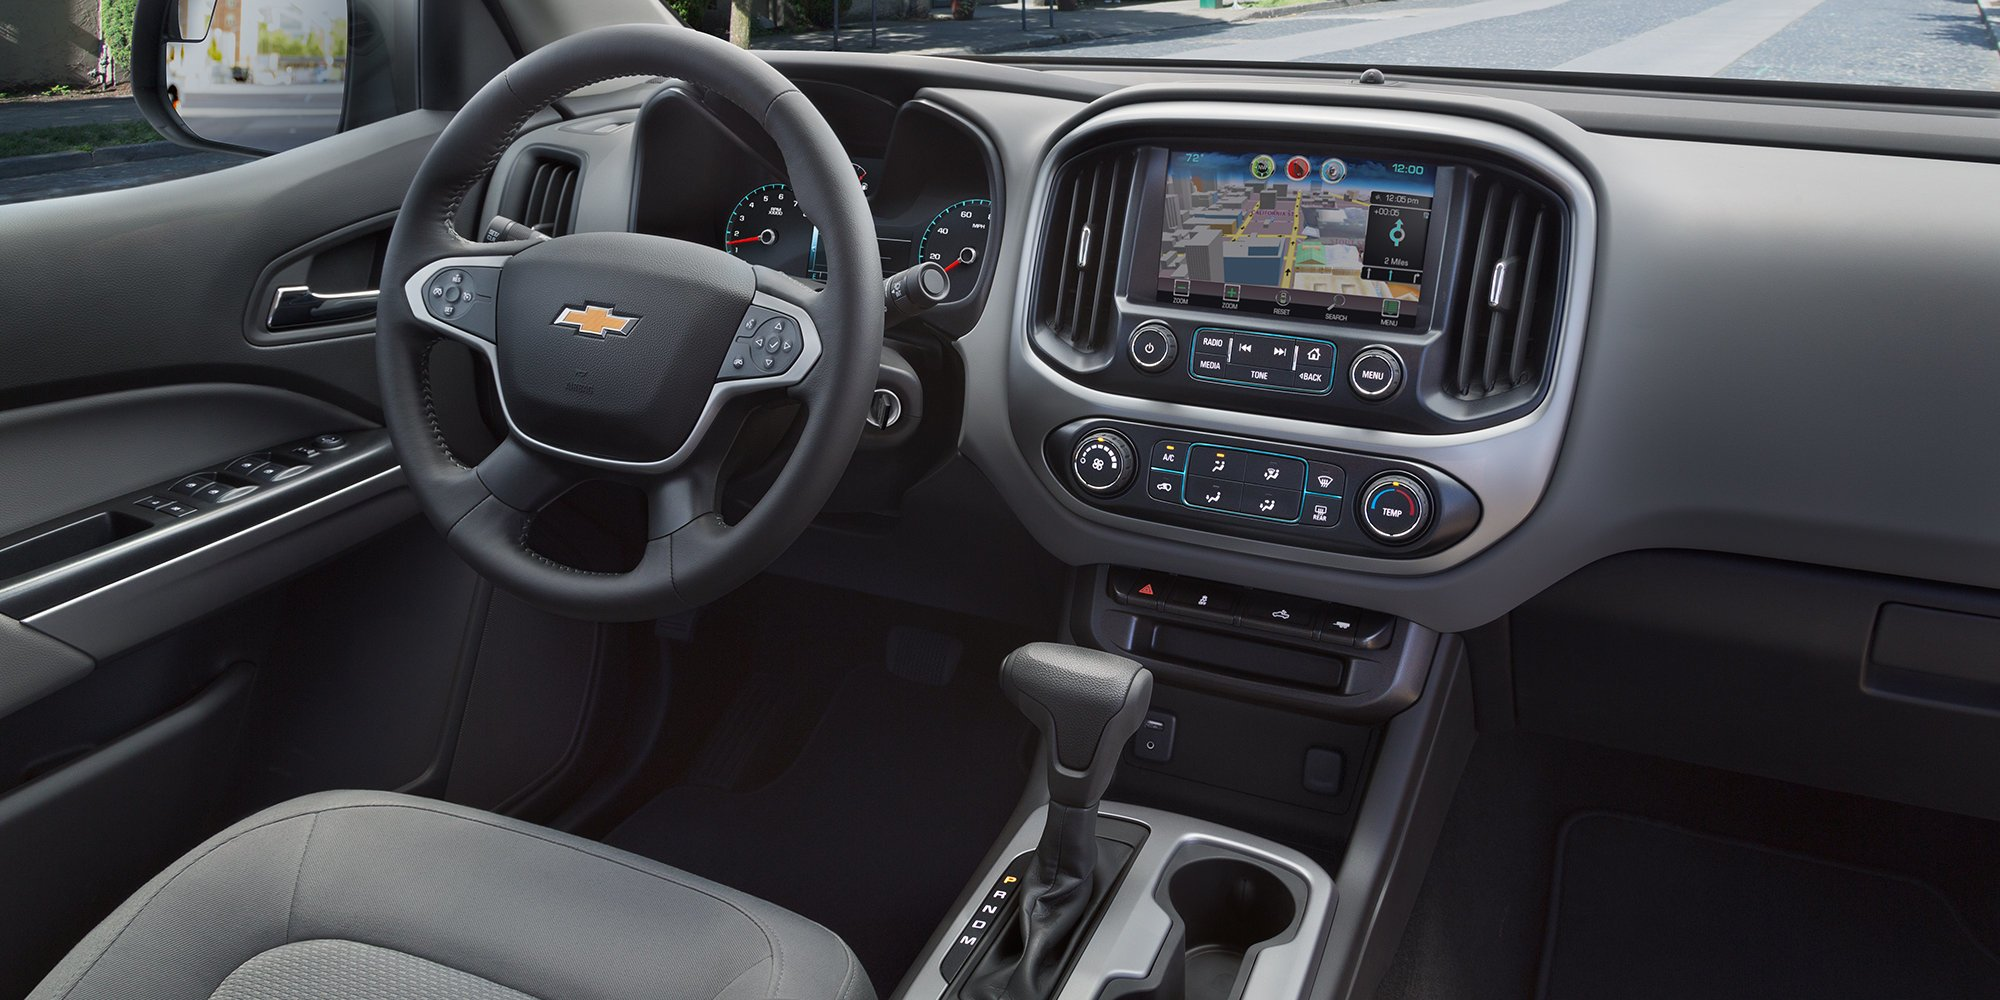 chevrolet colorado lease deals \u0026 price cincinnati oh Blue Chevy Colorado new chevrolet colorado interior features